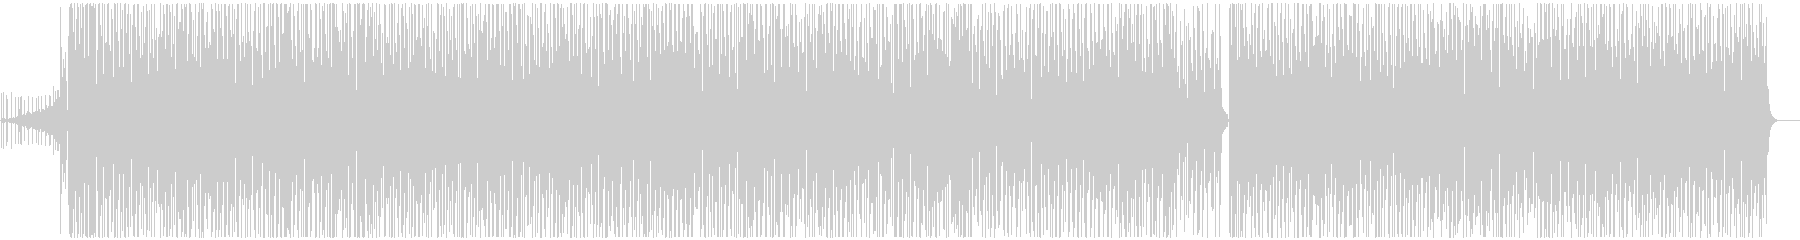 デジタルノイズが彩るブラジリアングルーヴの未再生の波形